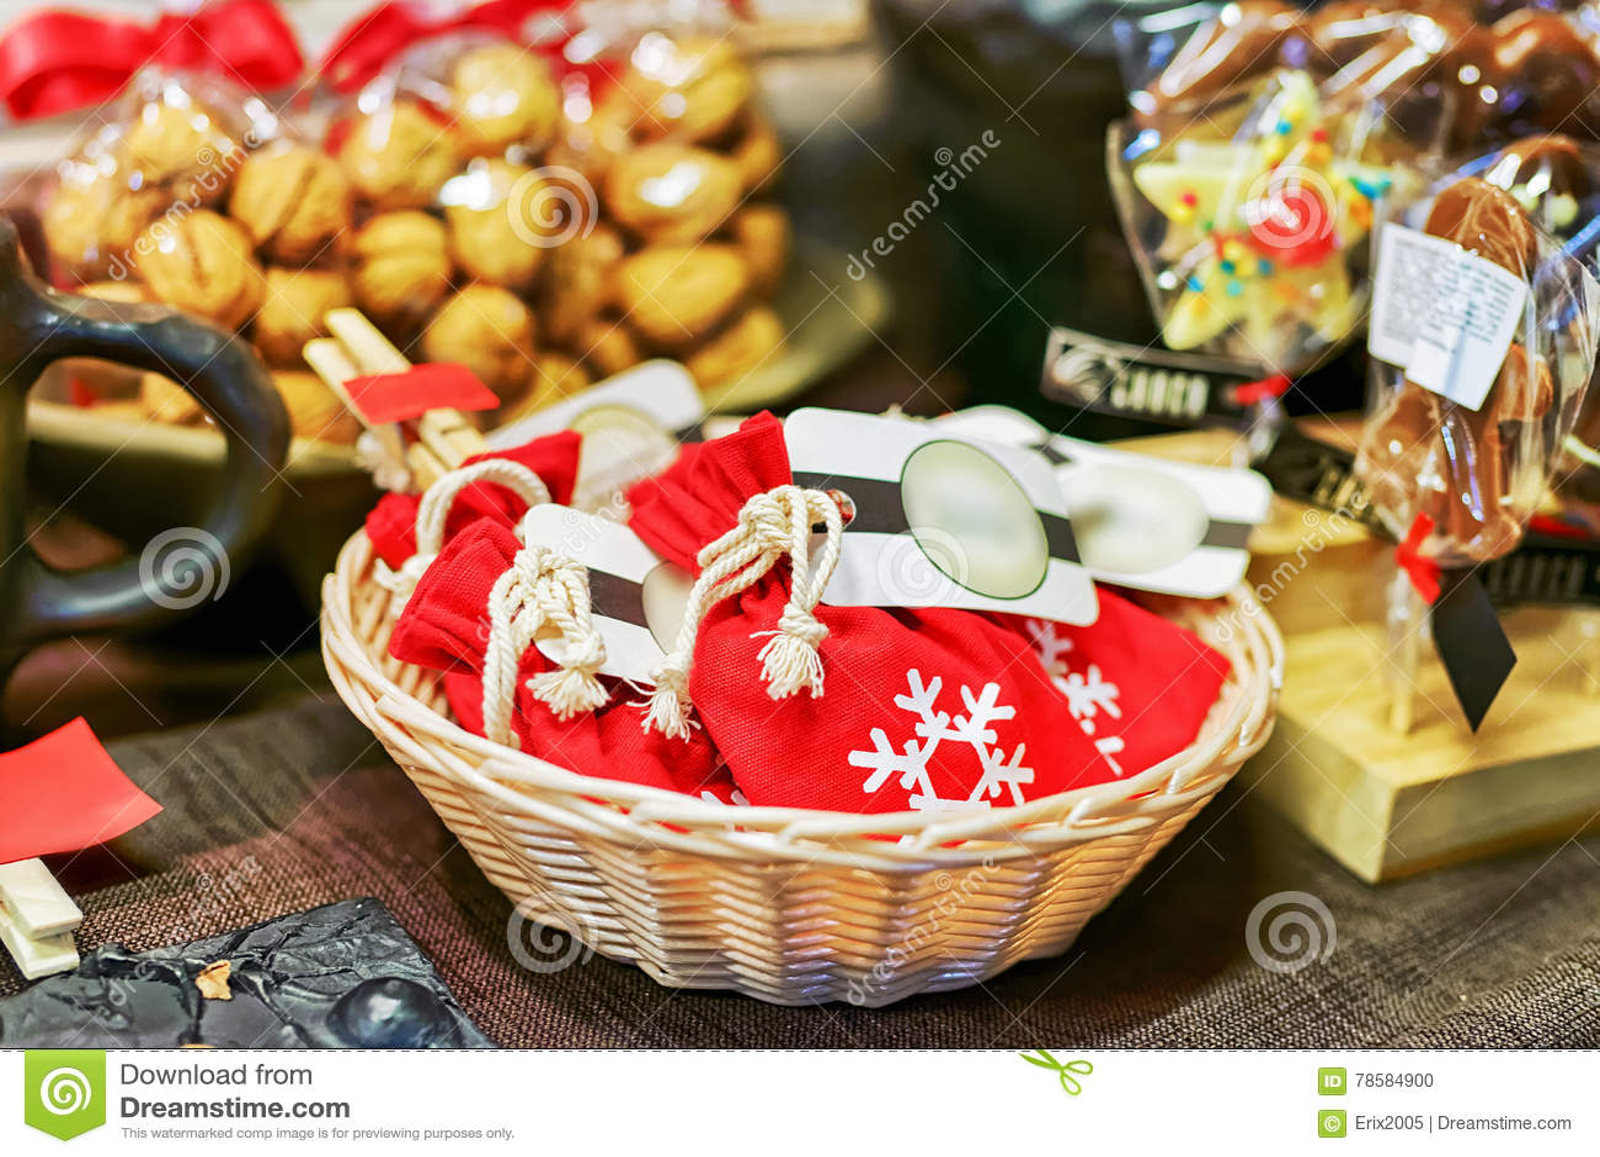 Petits Fait Maison Sacs De Riga Chocolat Noël De Marché Du Au Avec I7qIwrX